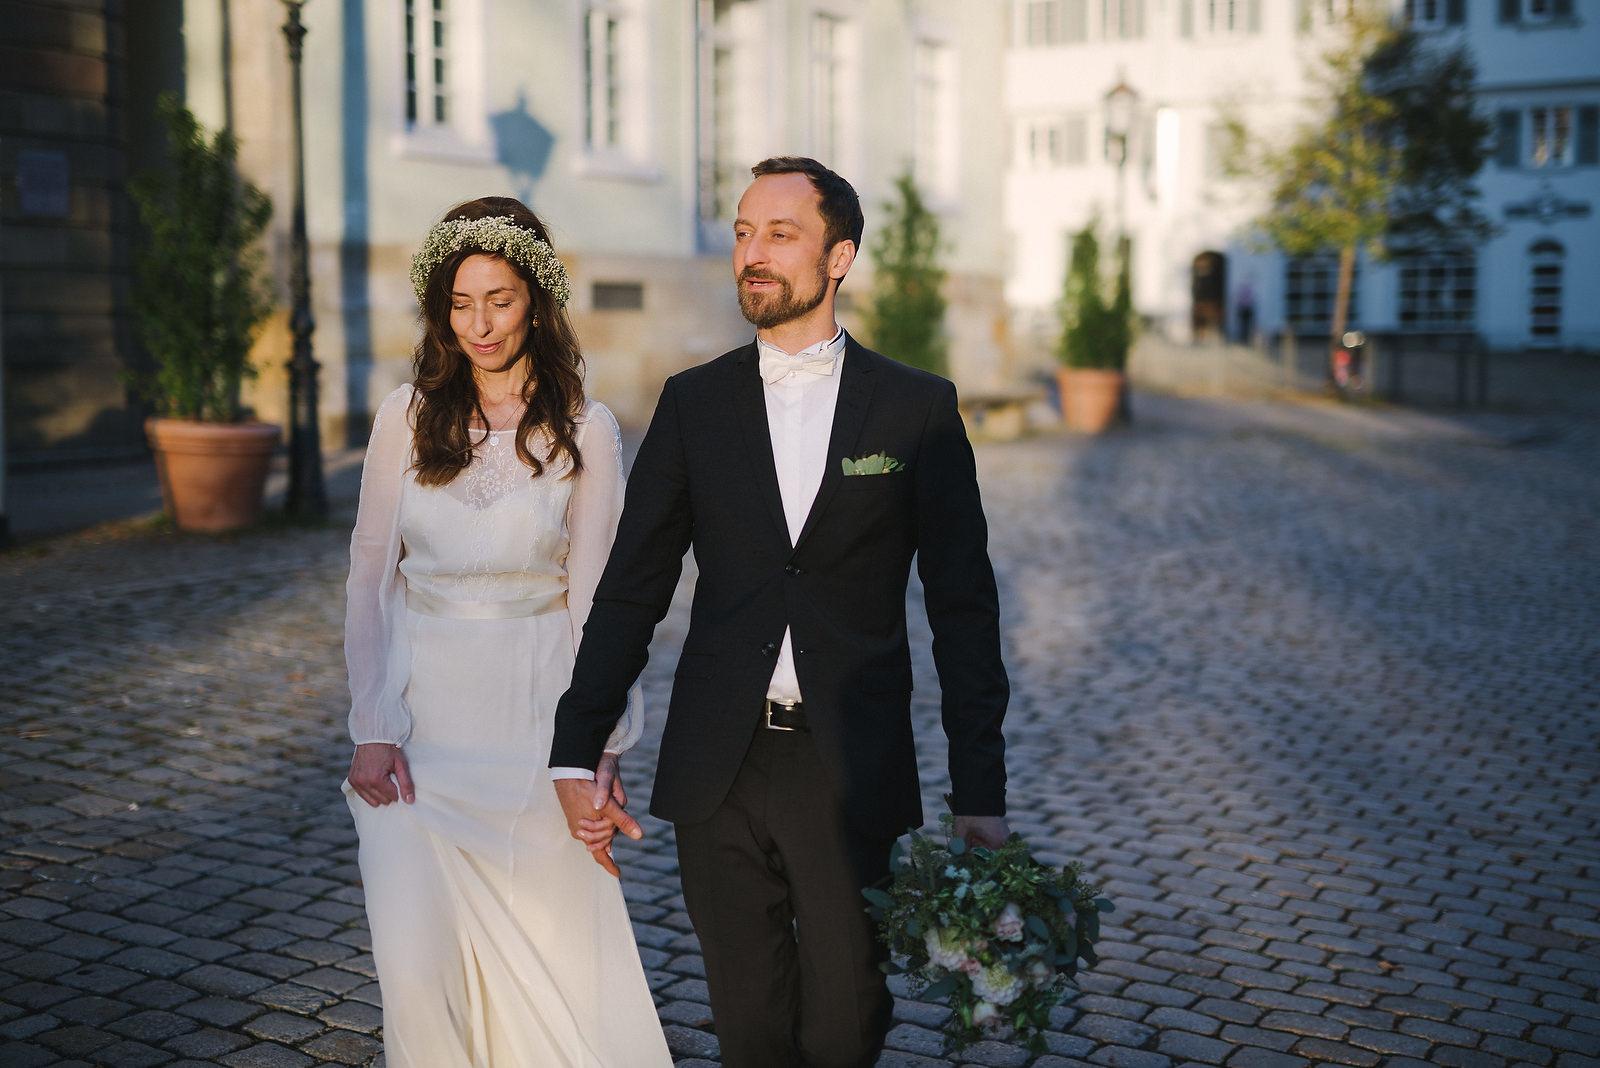 Fotograf Konstanz - Hochzeitsfotograf Stuttgart Esslingen Hochzeit 56 - Wedding with moorish ambience in the Wilhelma in Stuttgart  - 56 -